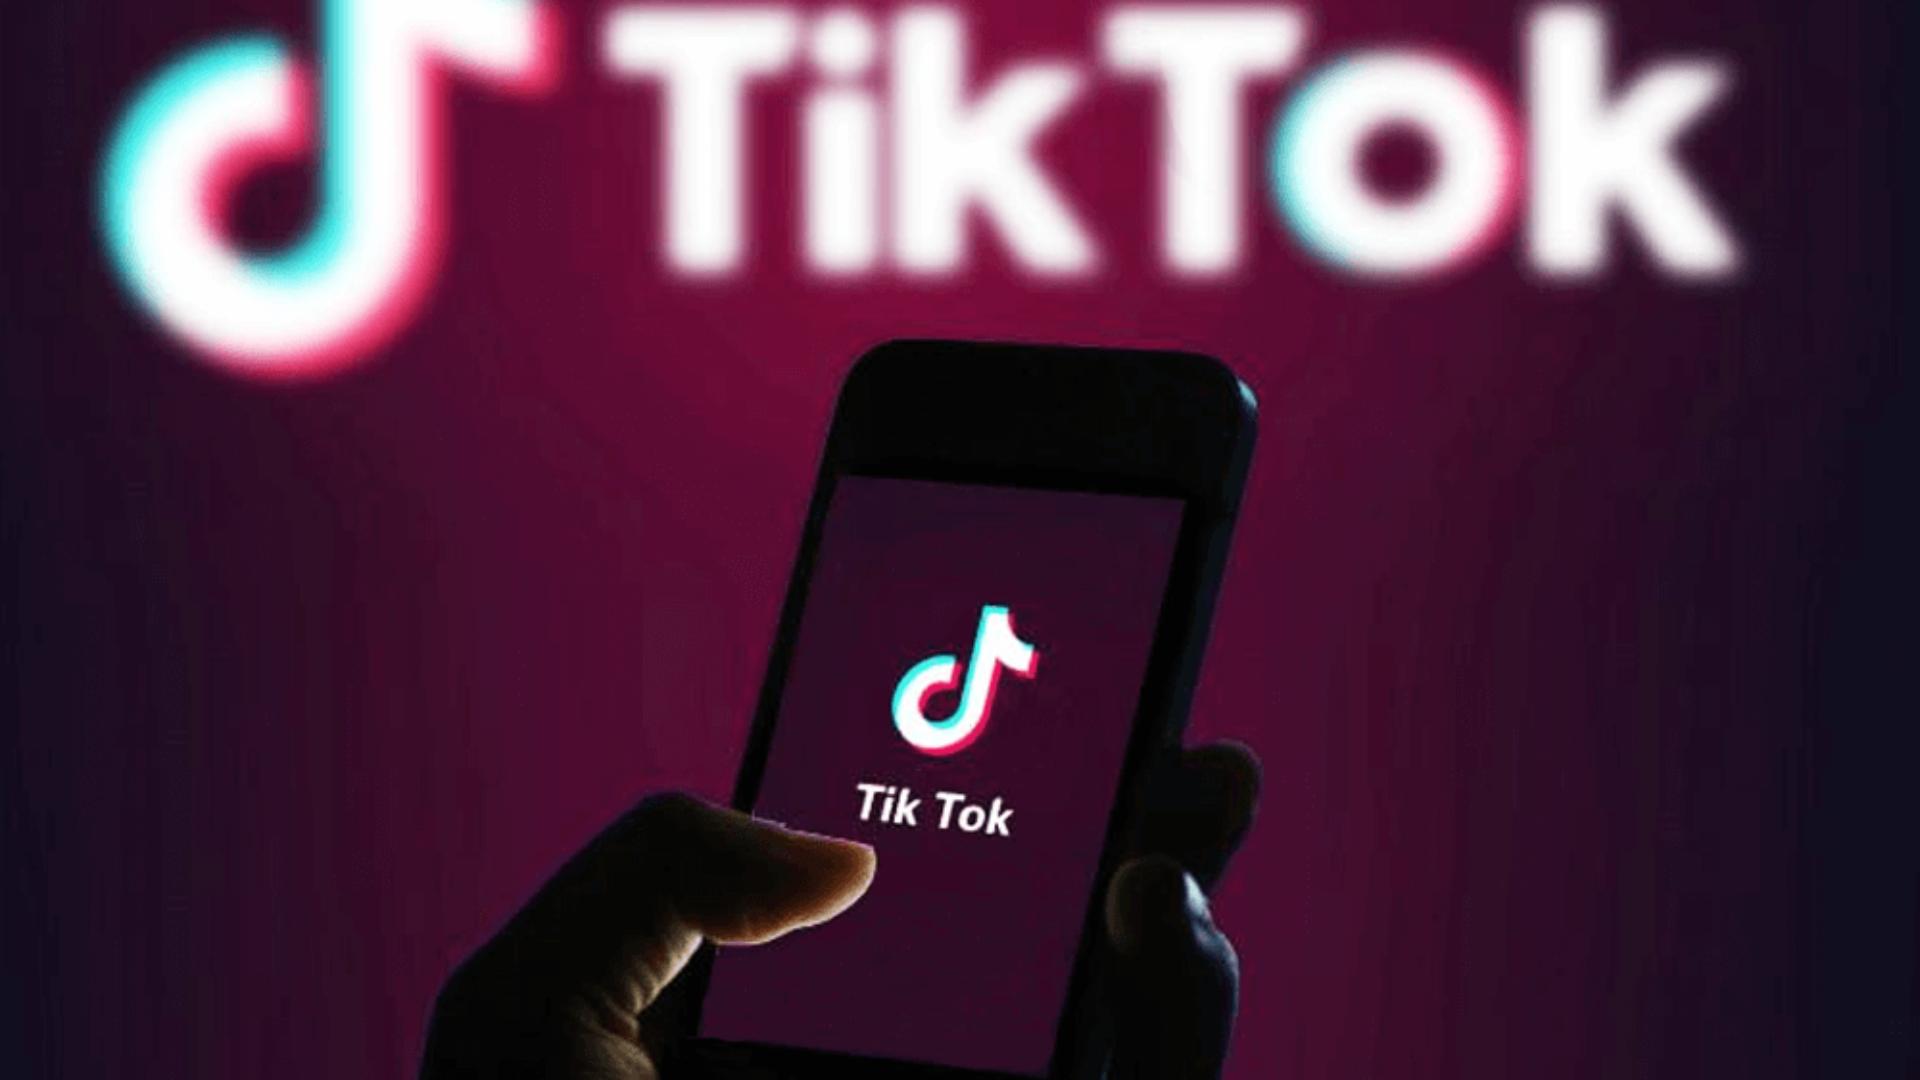 TikTok vượt Facebook thành ứng dụng được tải nhiều nhất thế giới